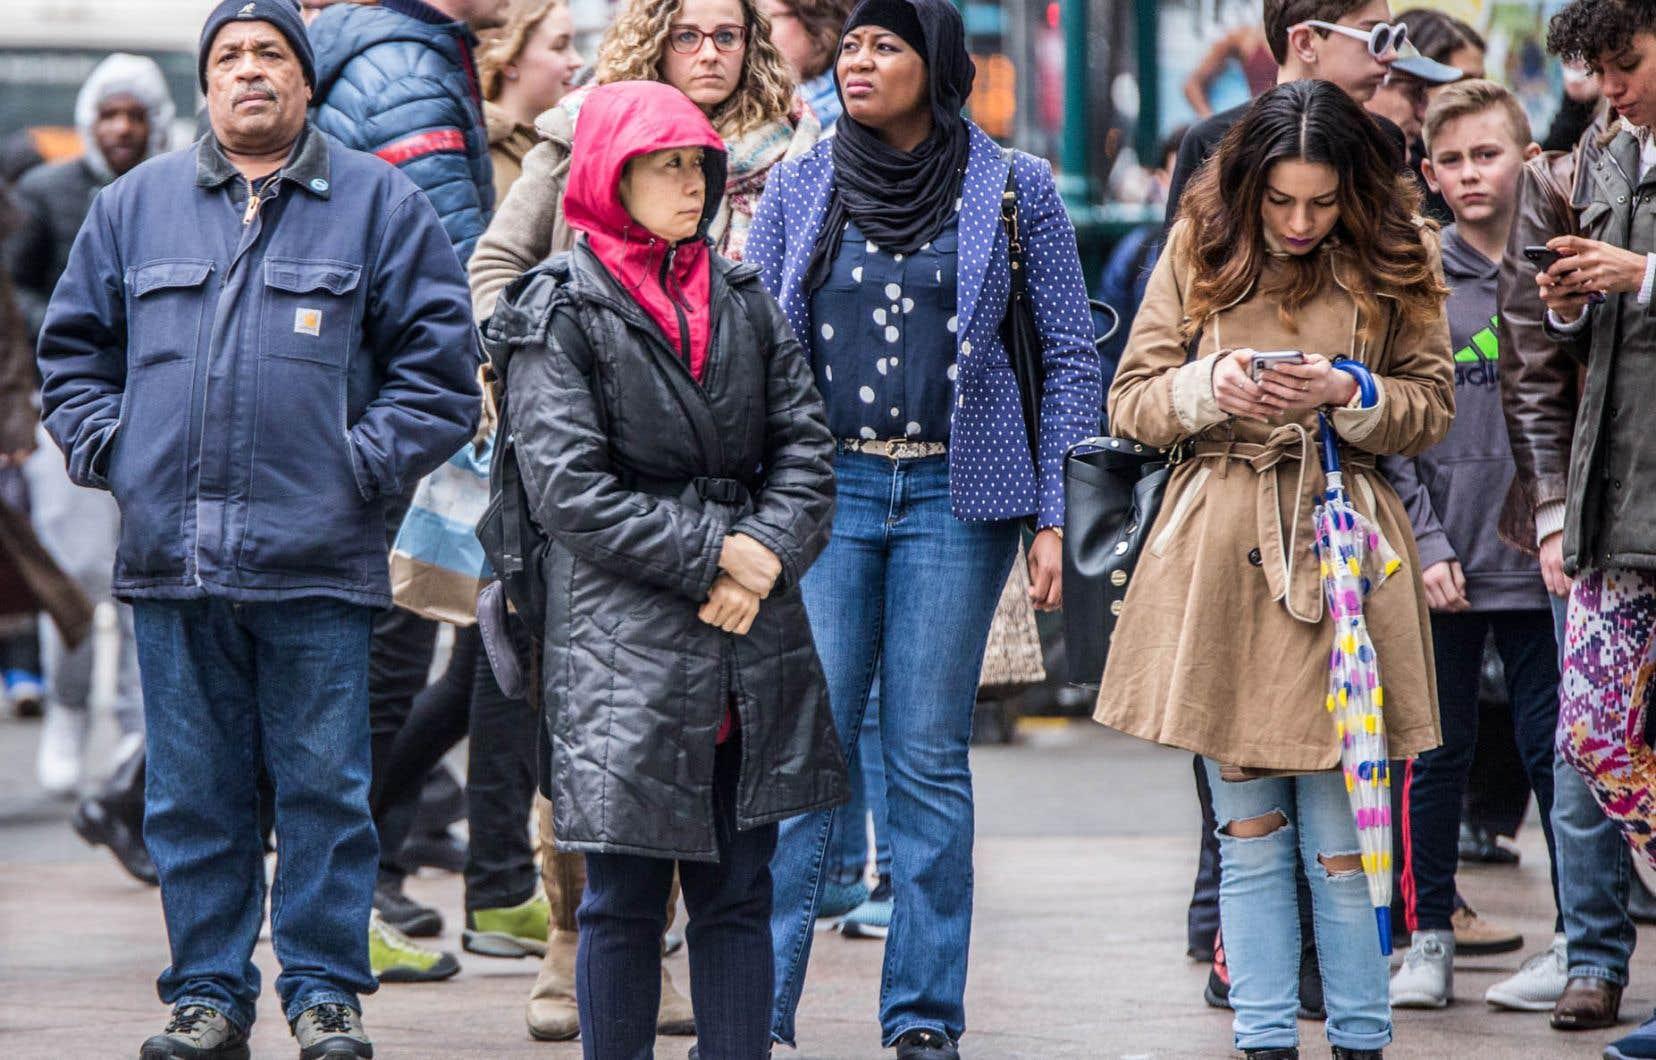 En parallèle avec l'étalement urbain, l'hyperconnectivité est venue reconfigurer nos interactions sociales.